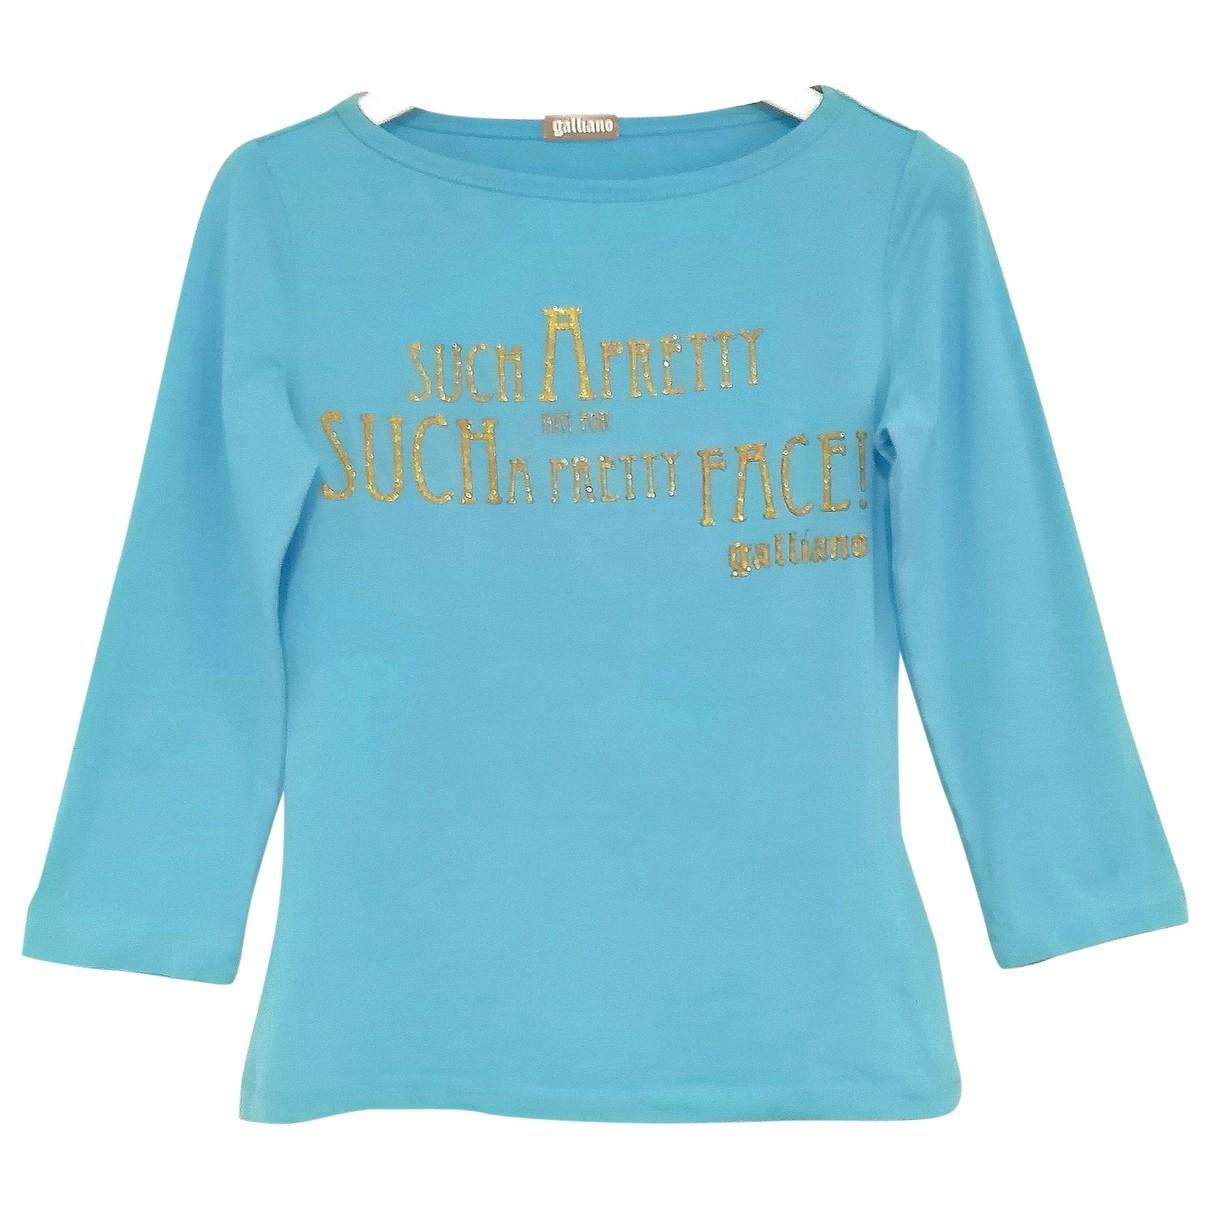 Galliano - Top   pour femme en coton - bleu